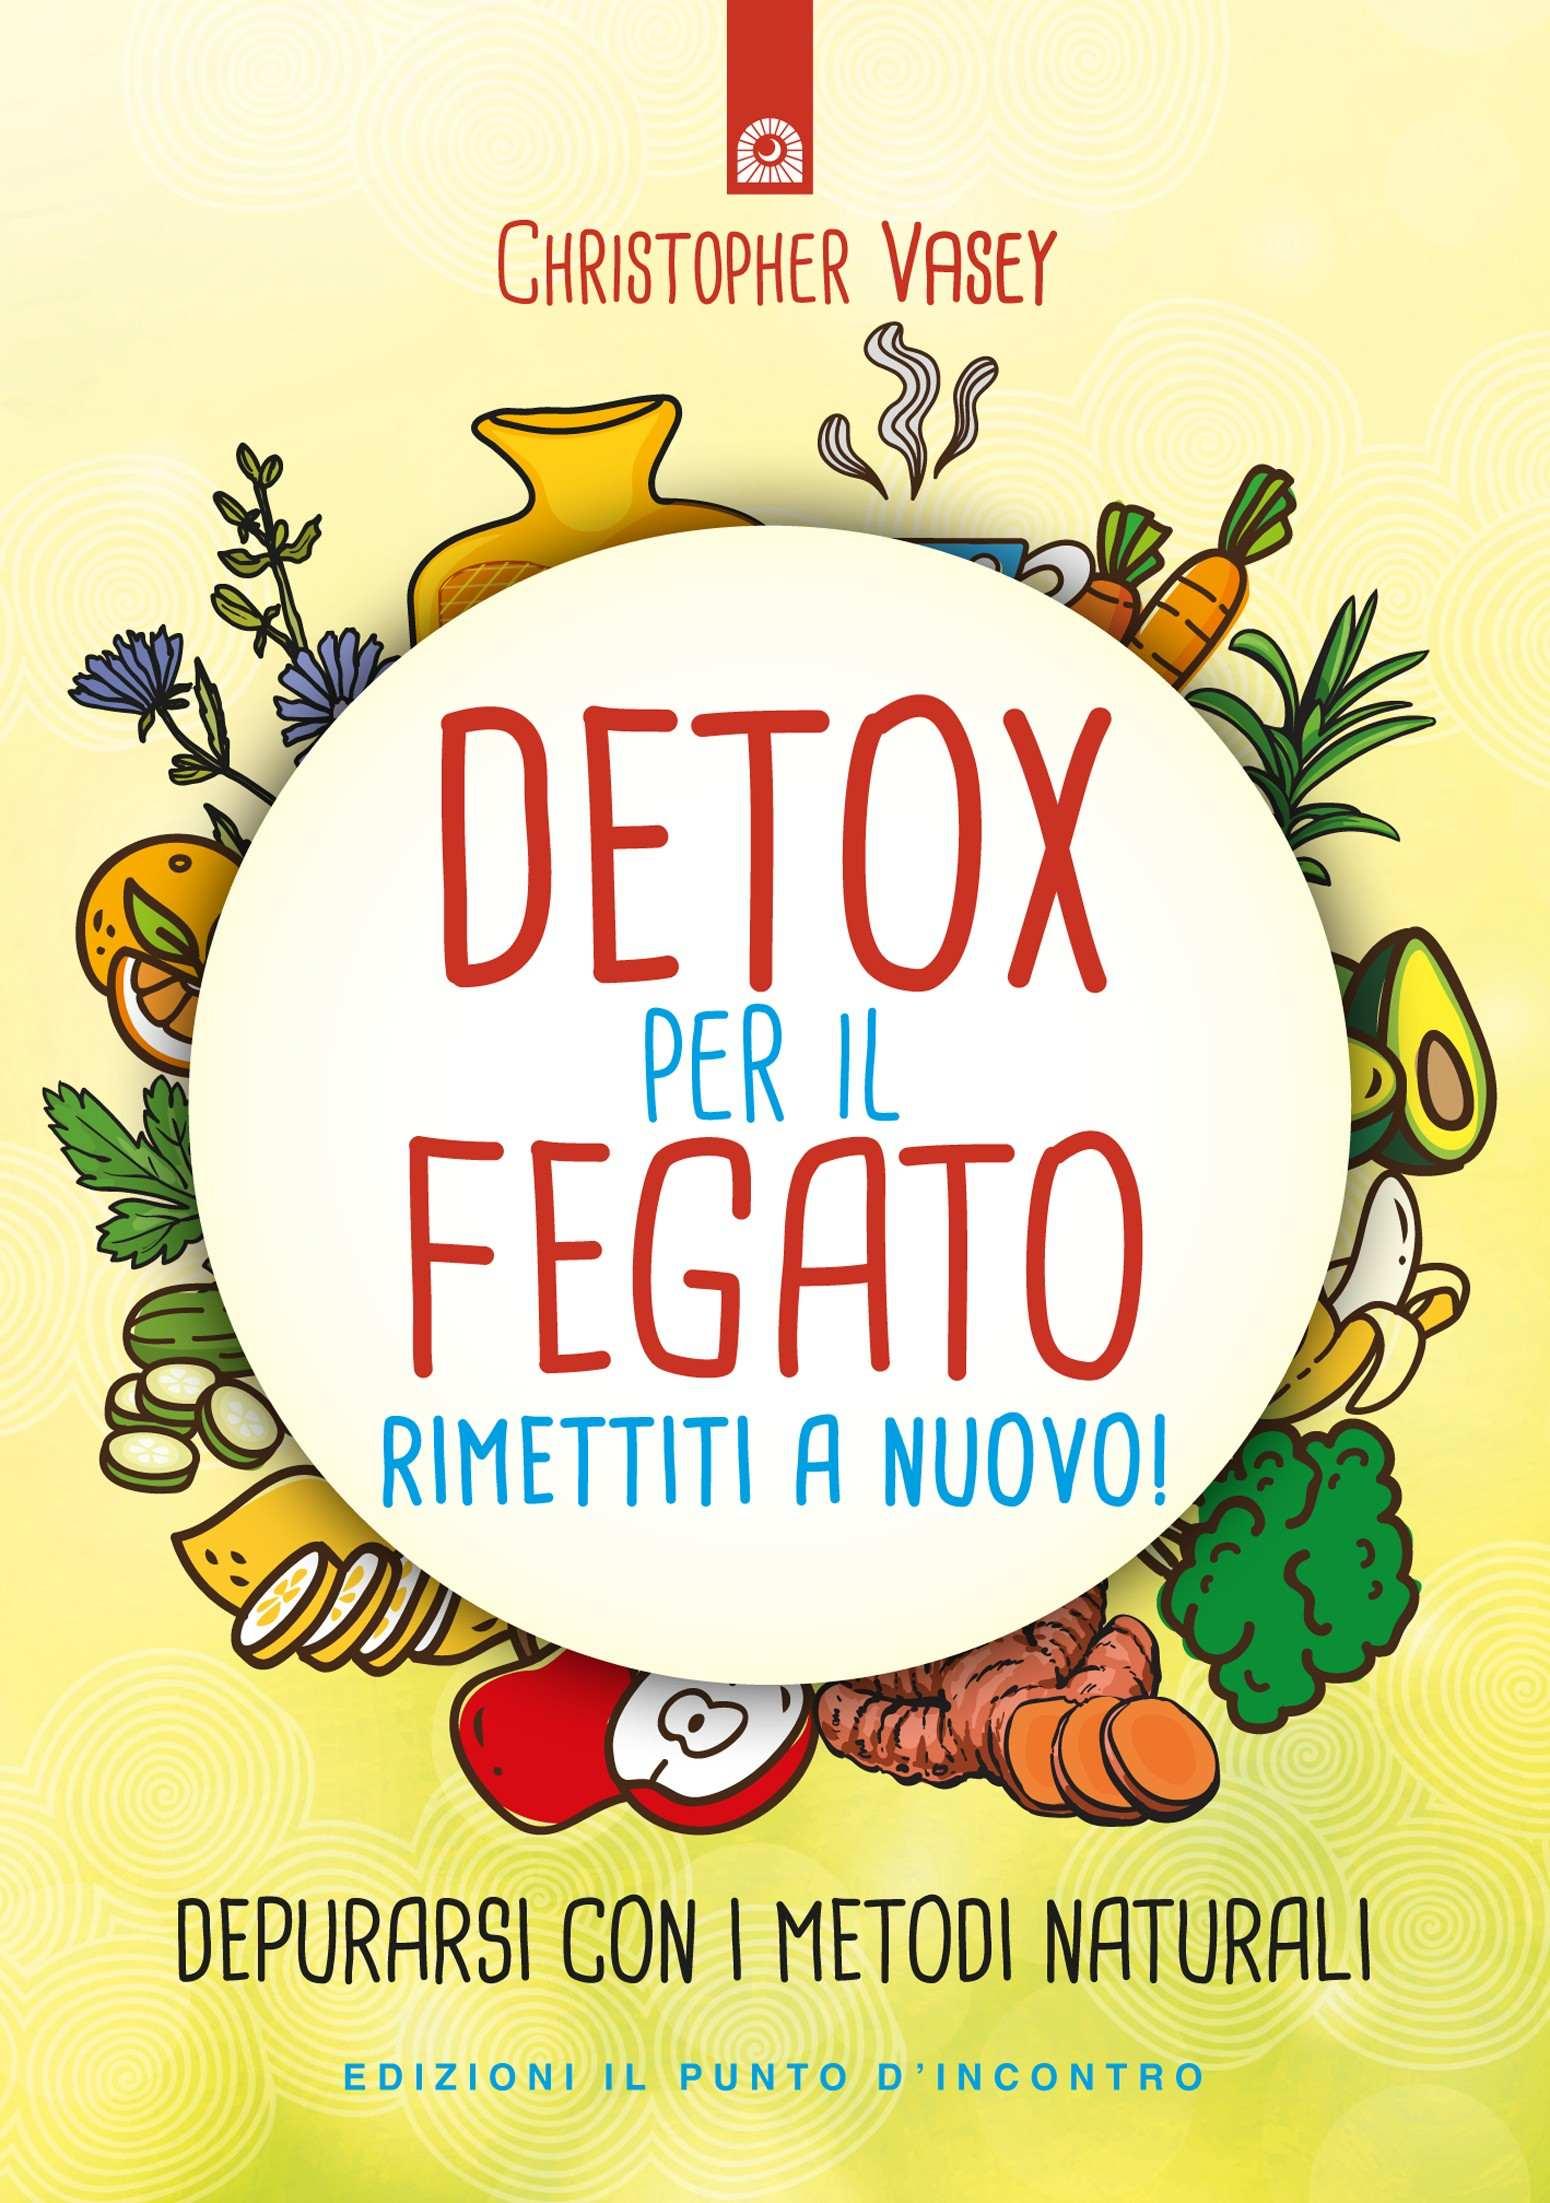 programma detox fegato come funziona tre free